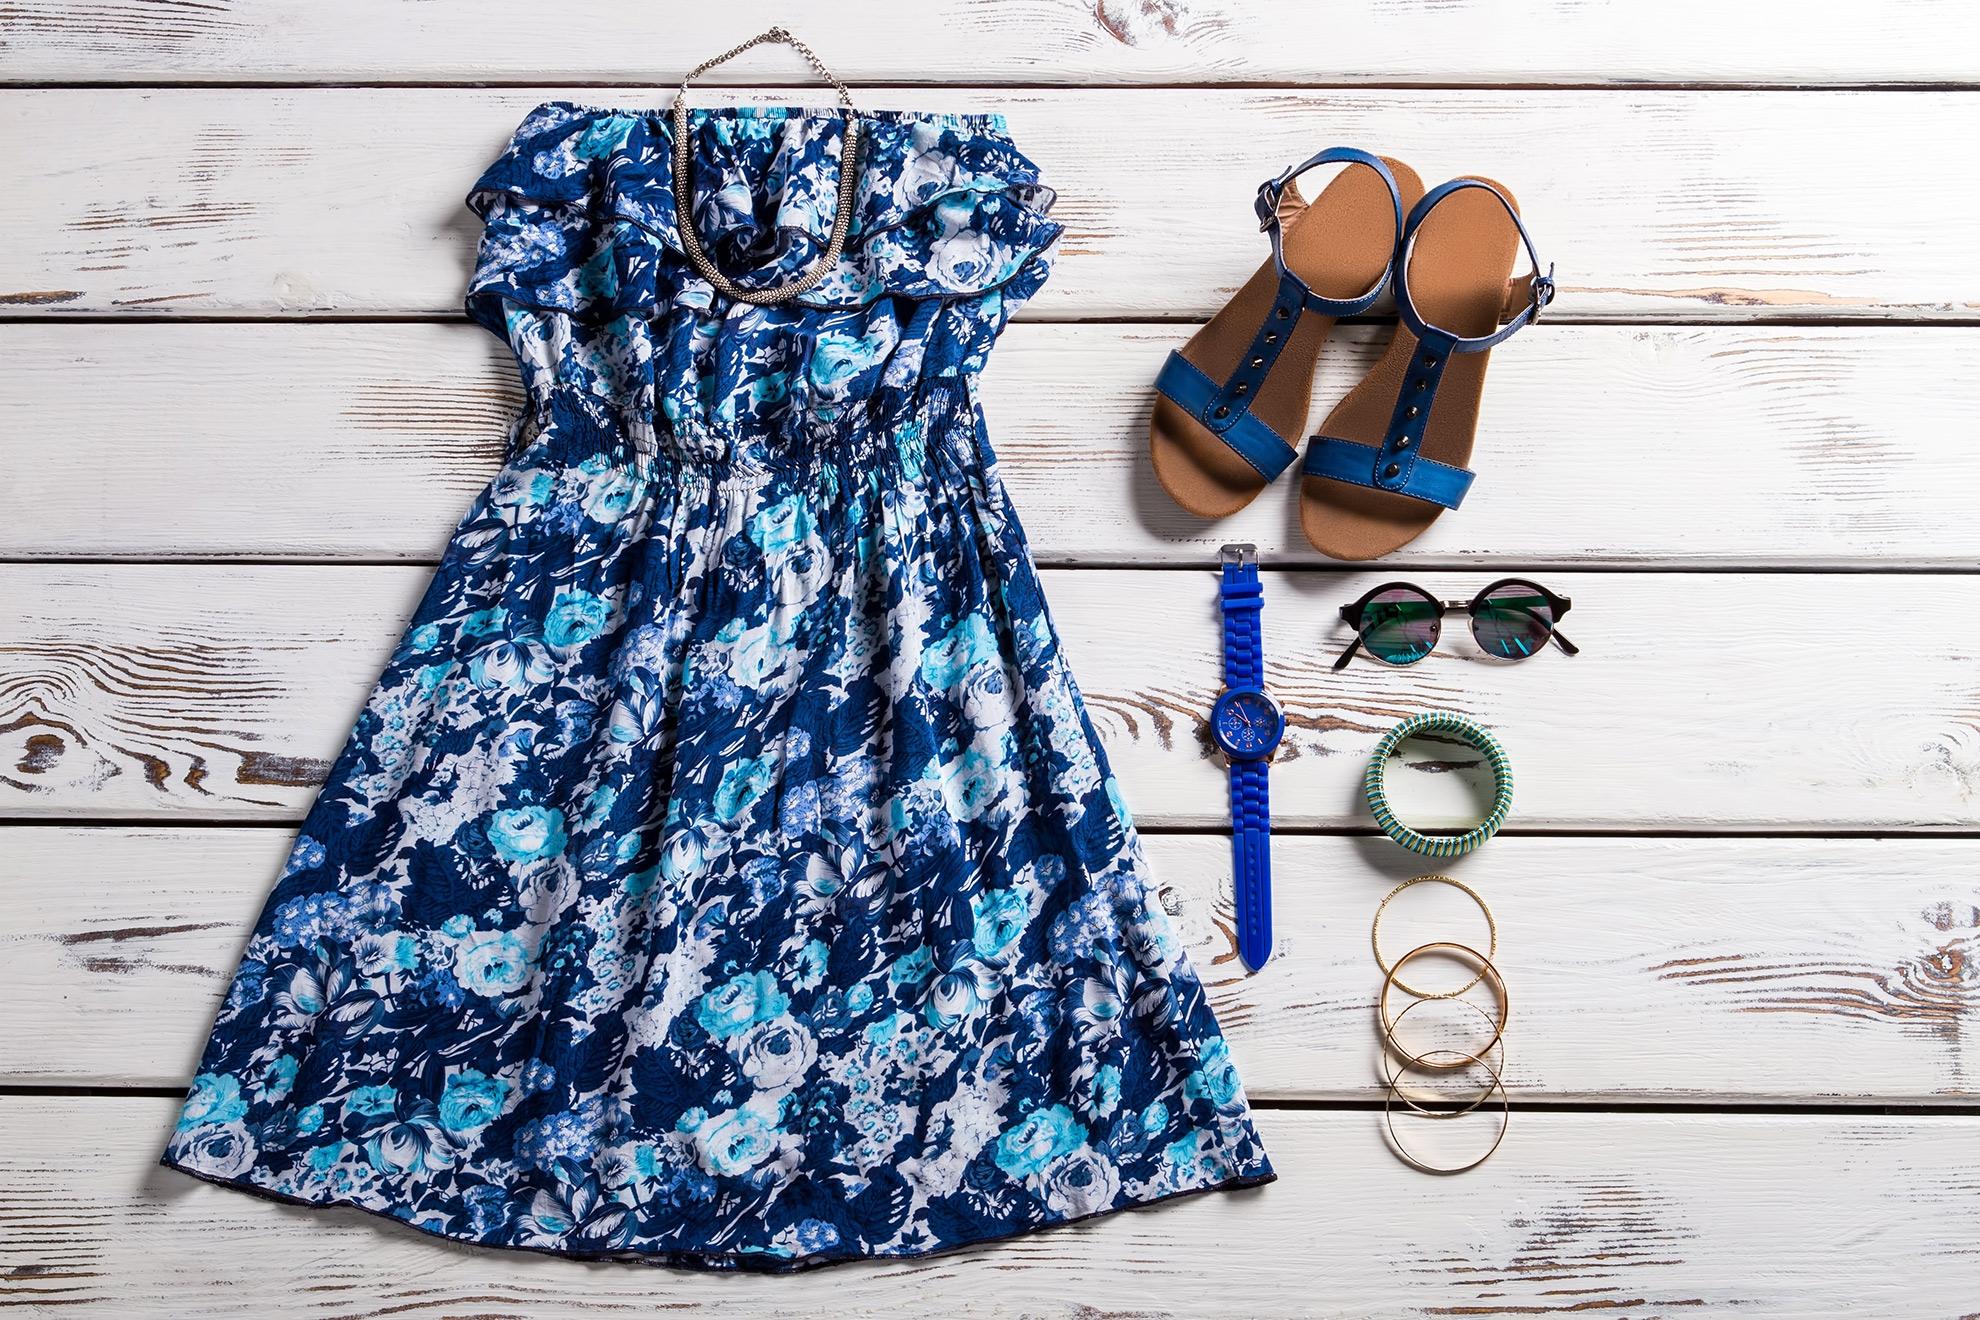 Stylizacja z niebieskimi sandałami i sukienką, ilustracja do artykułu